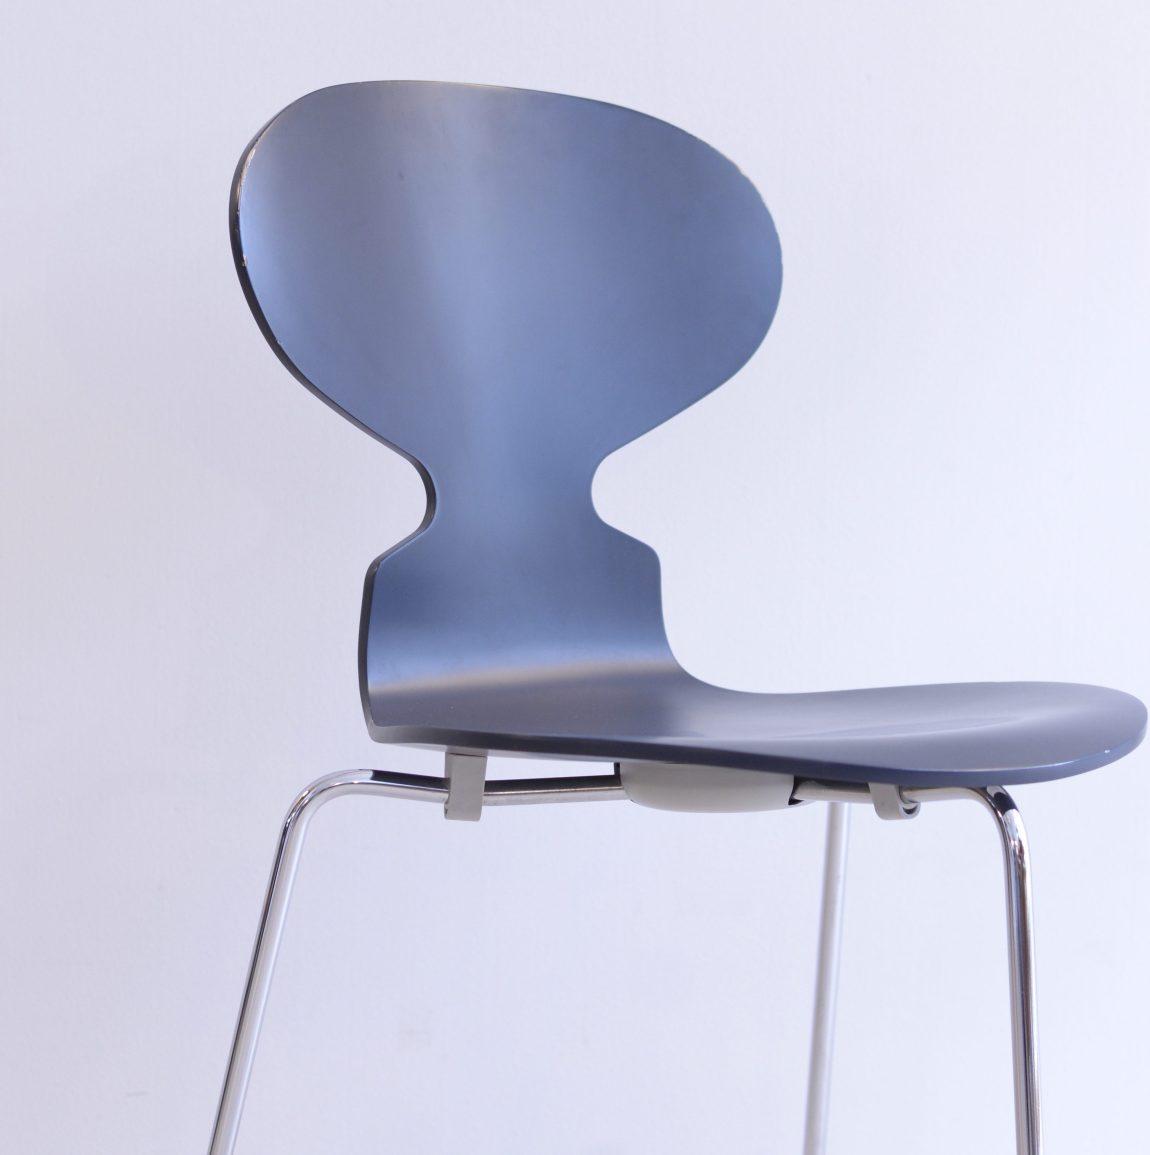 Arne Jacobsen Ant Chair Ameise 790 Black-Blue heyday möbel moebel Zurich Zürich vintage Binz Altstetten